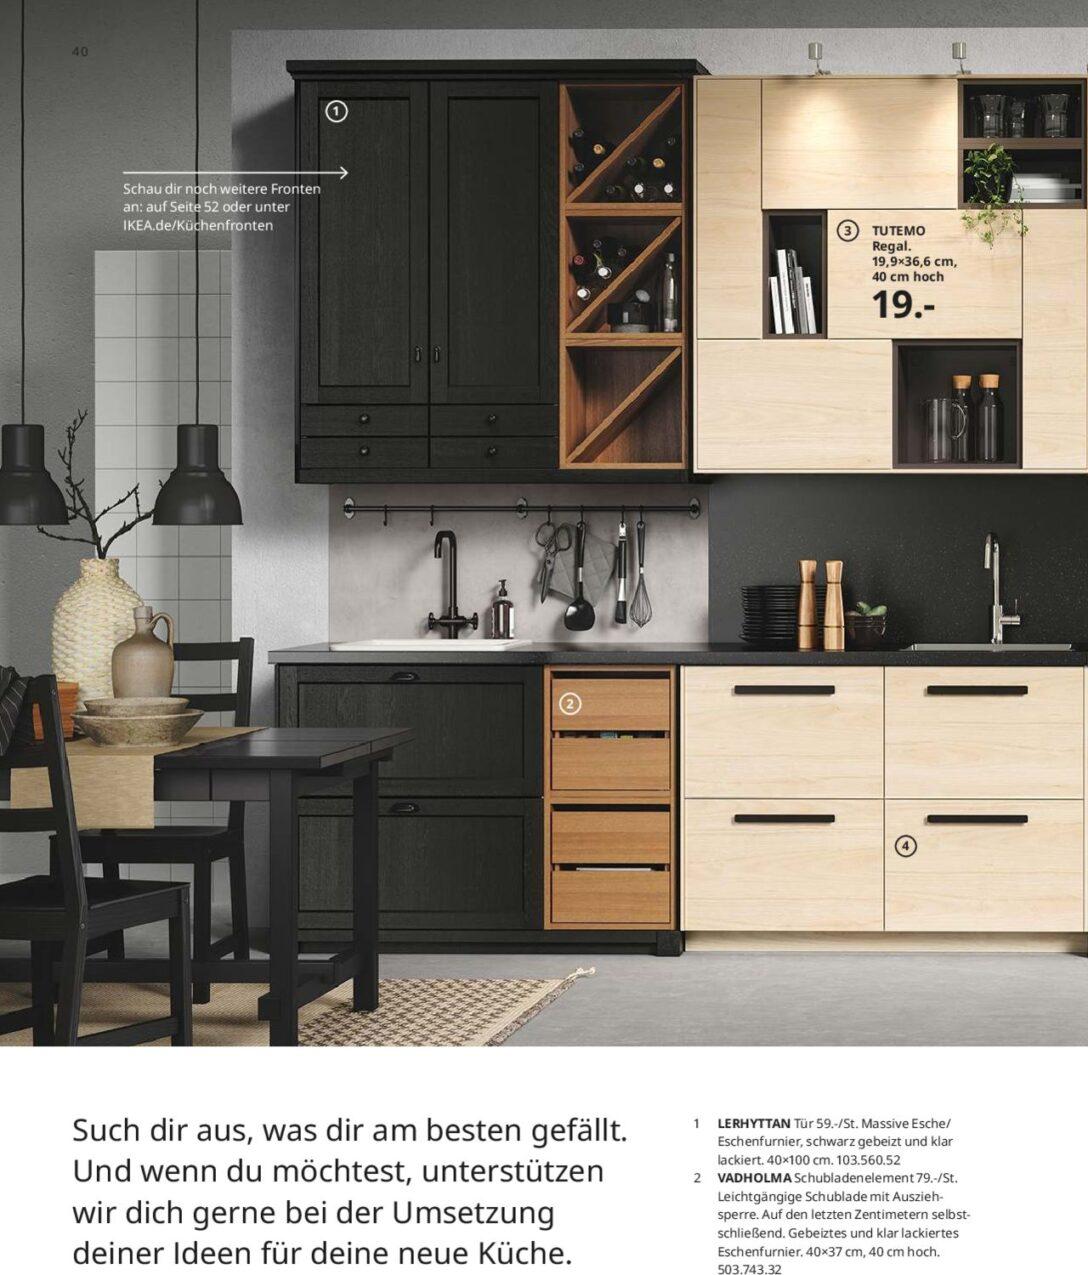 Large Size of Wandregal Ikea Küche Kchen 2020 26082019 31012020 Hängeschrank Höhe Winkel Rosa Freistehende Spülbecken Landhaus Sitzbank Mit Lehne Bodenbeläge Wohnzimmer Wandregal Ikea Küche